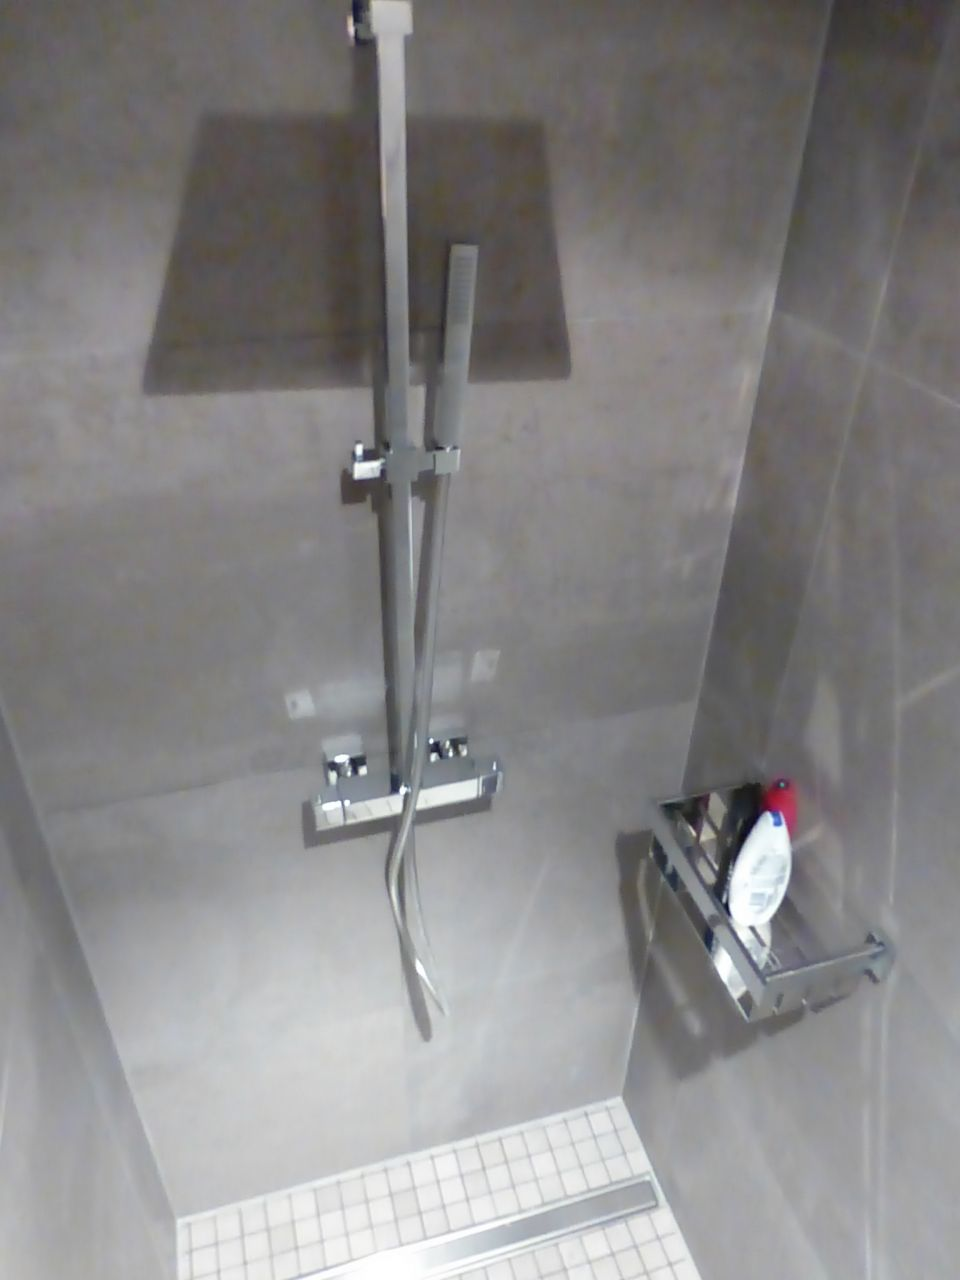 Cuisine et table cuisine et table suite salle de bain for Quel prix pour refaire une salle de bain